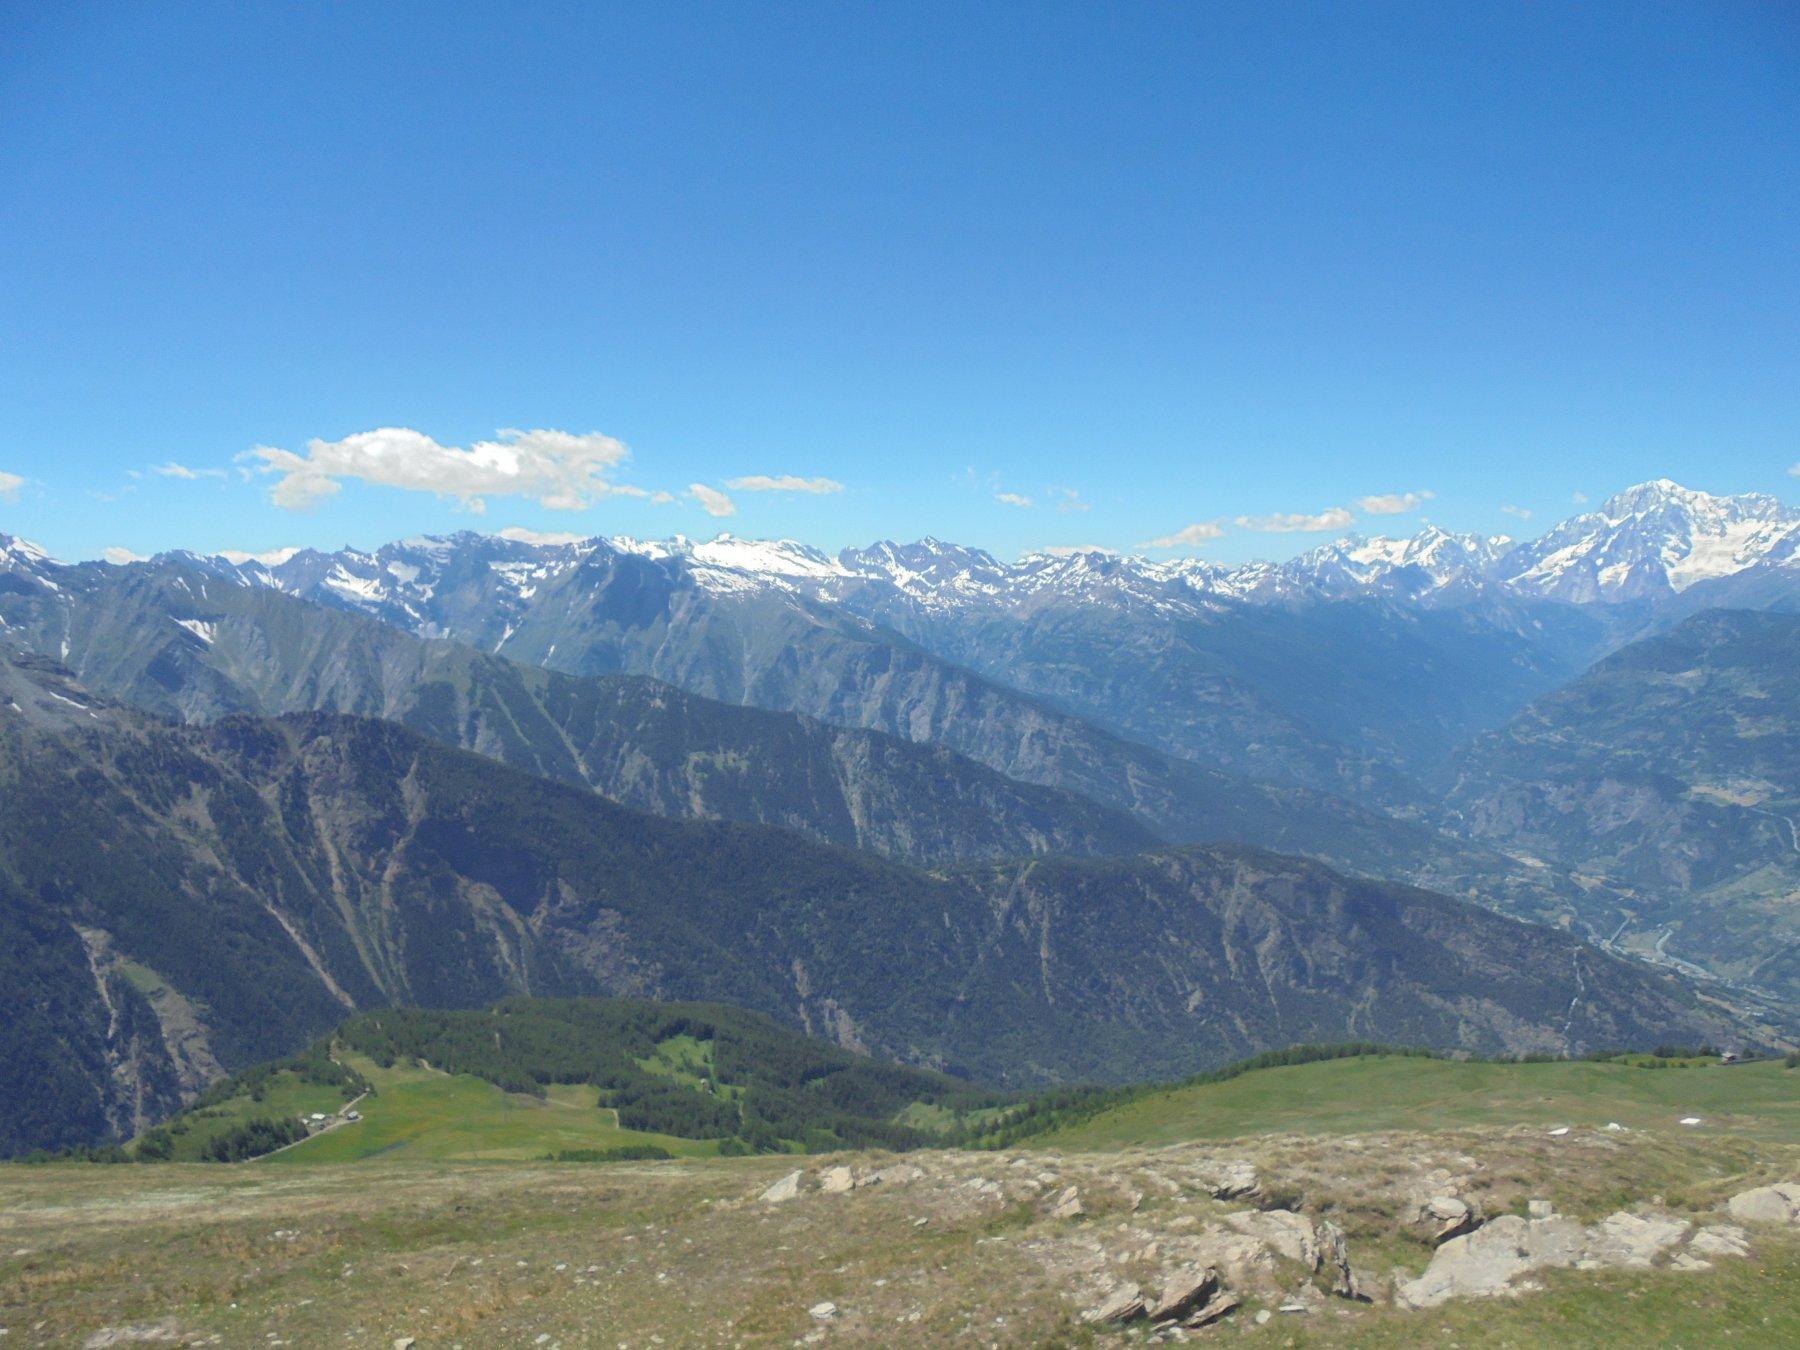 Valle Centrale, Rutor e Monte Bianco